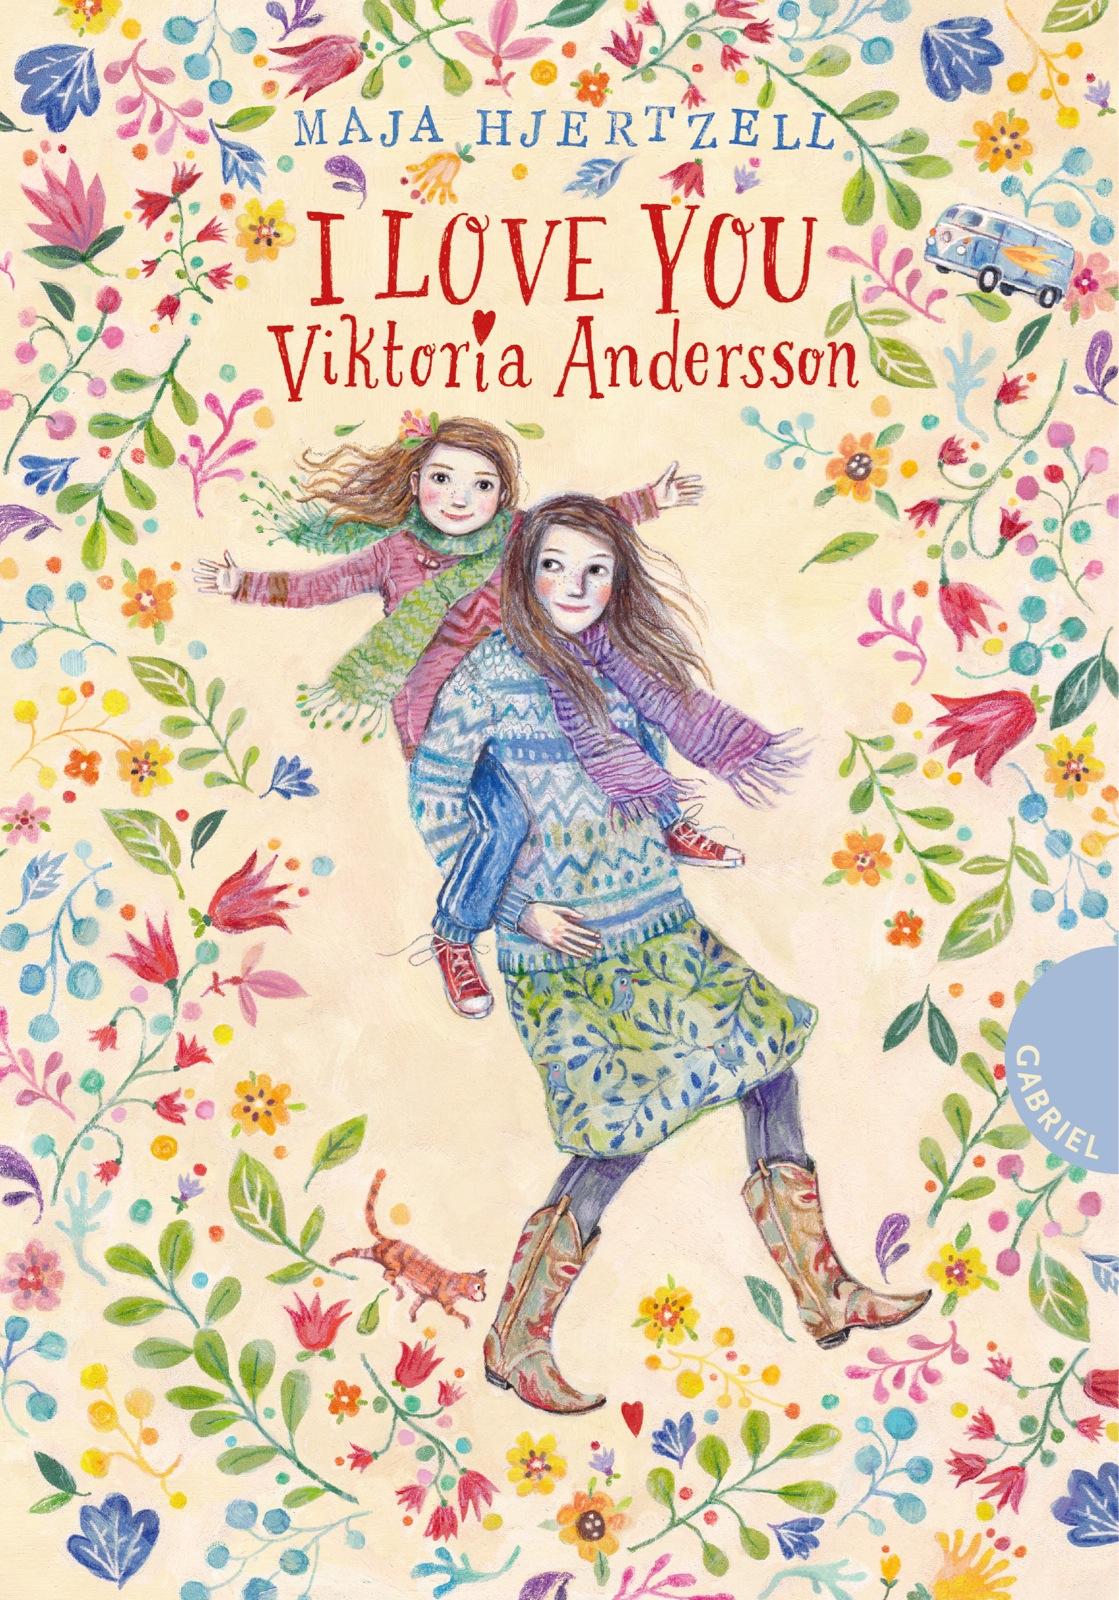 I-love-you-Viktoria-Andersson-Maja-Hjertzell